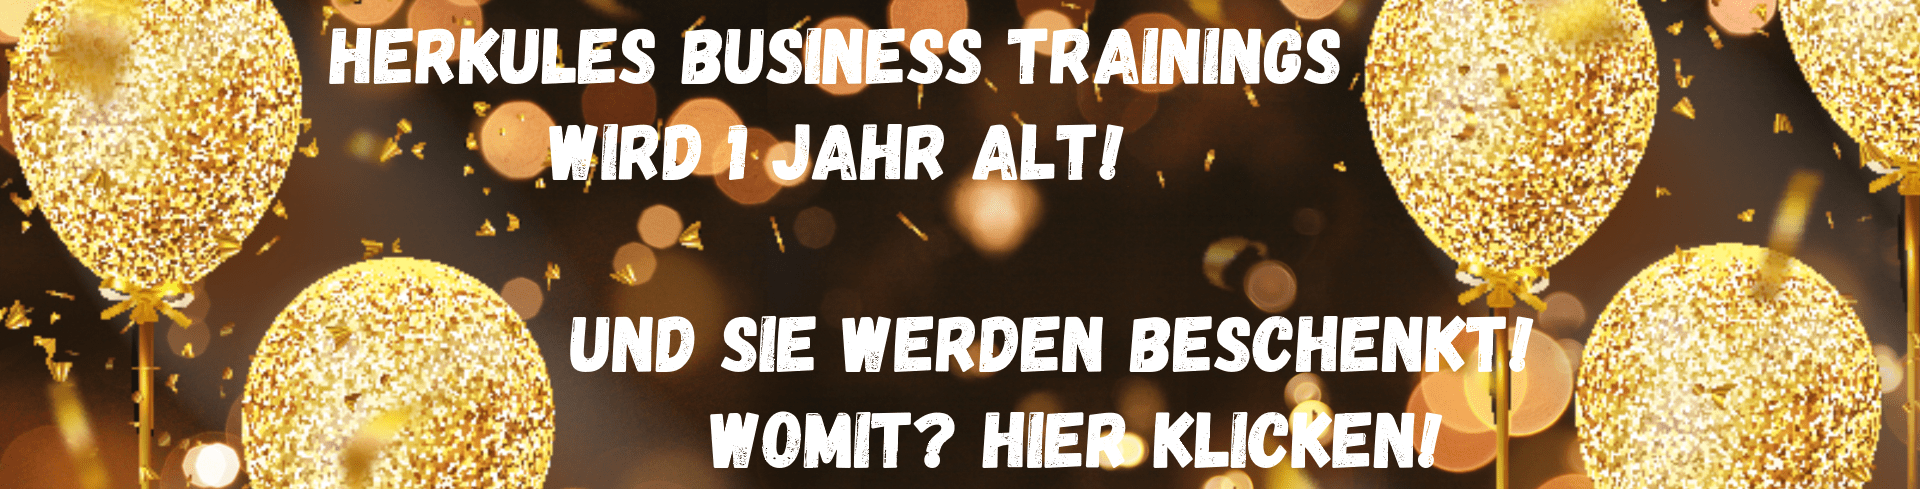 1 Jahr Herkules Business Trainings Informationsbanner